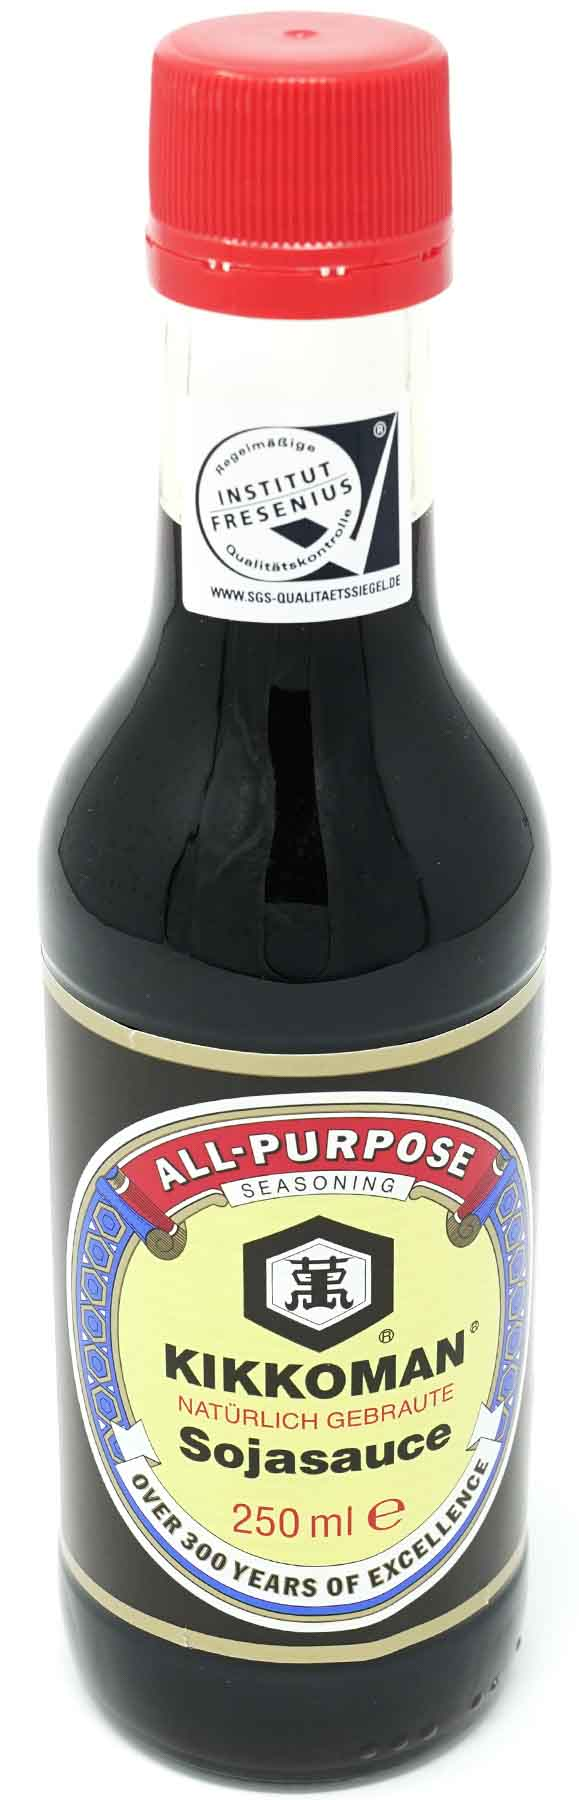 KIKKOMAN Soja Sauce dunkel, 250 ml